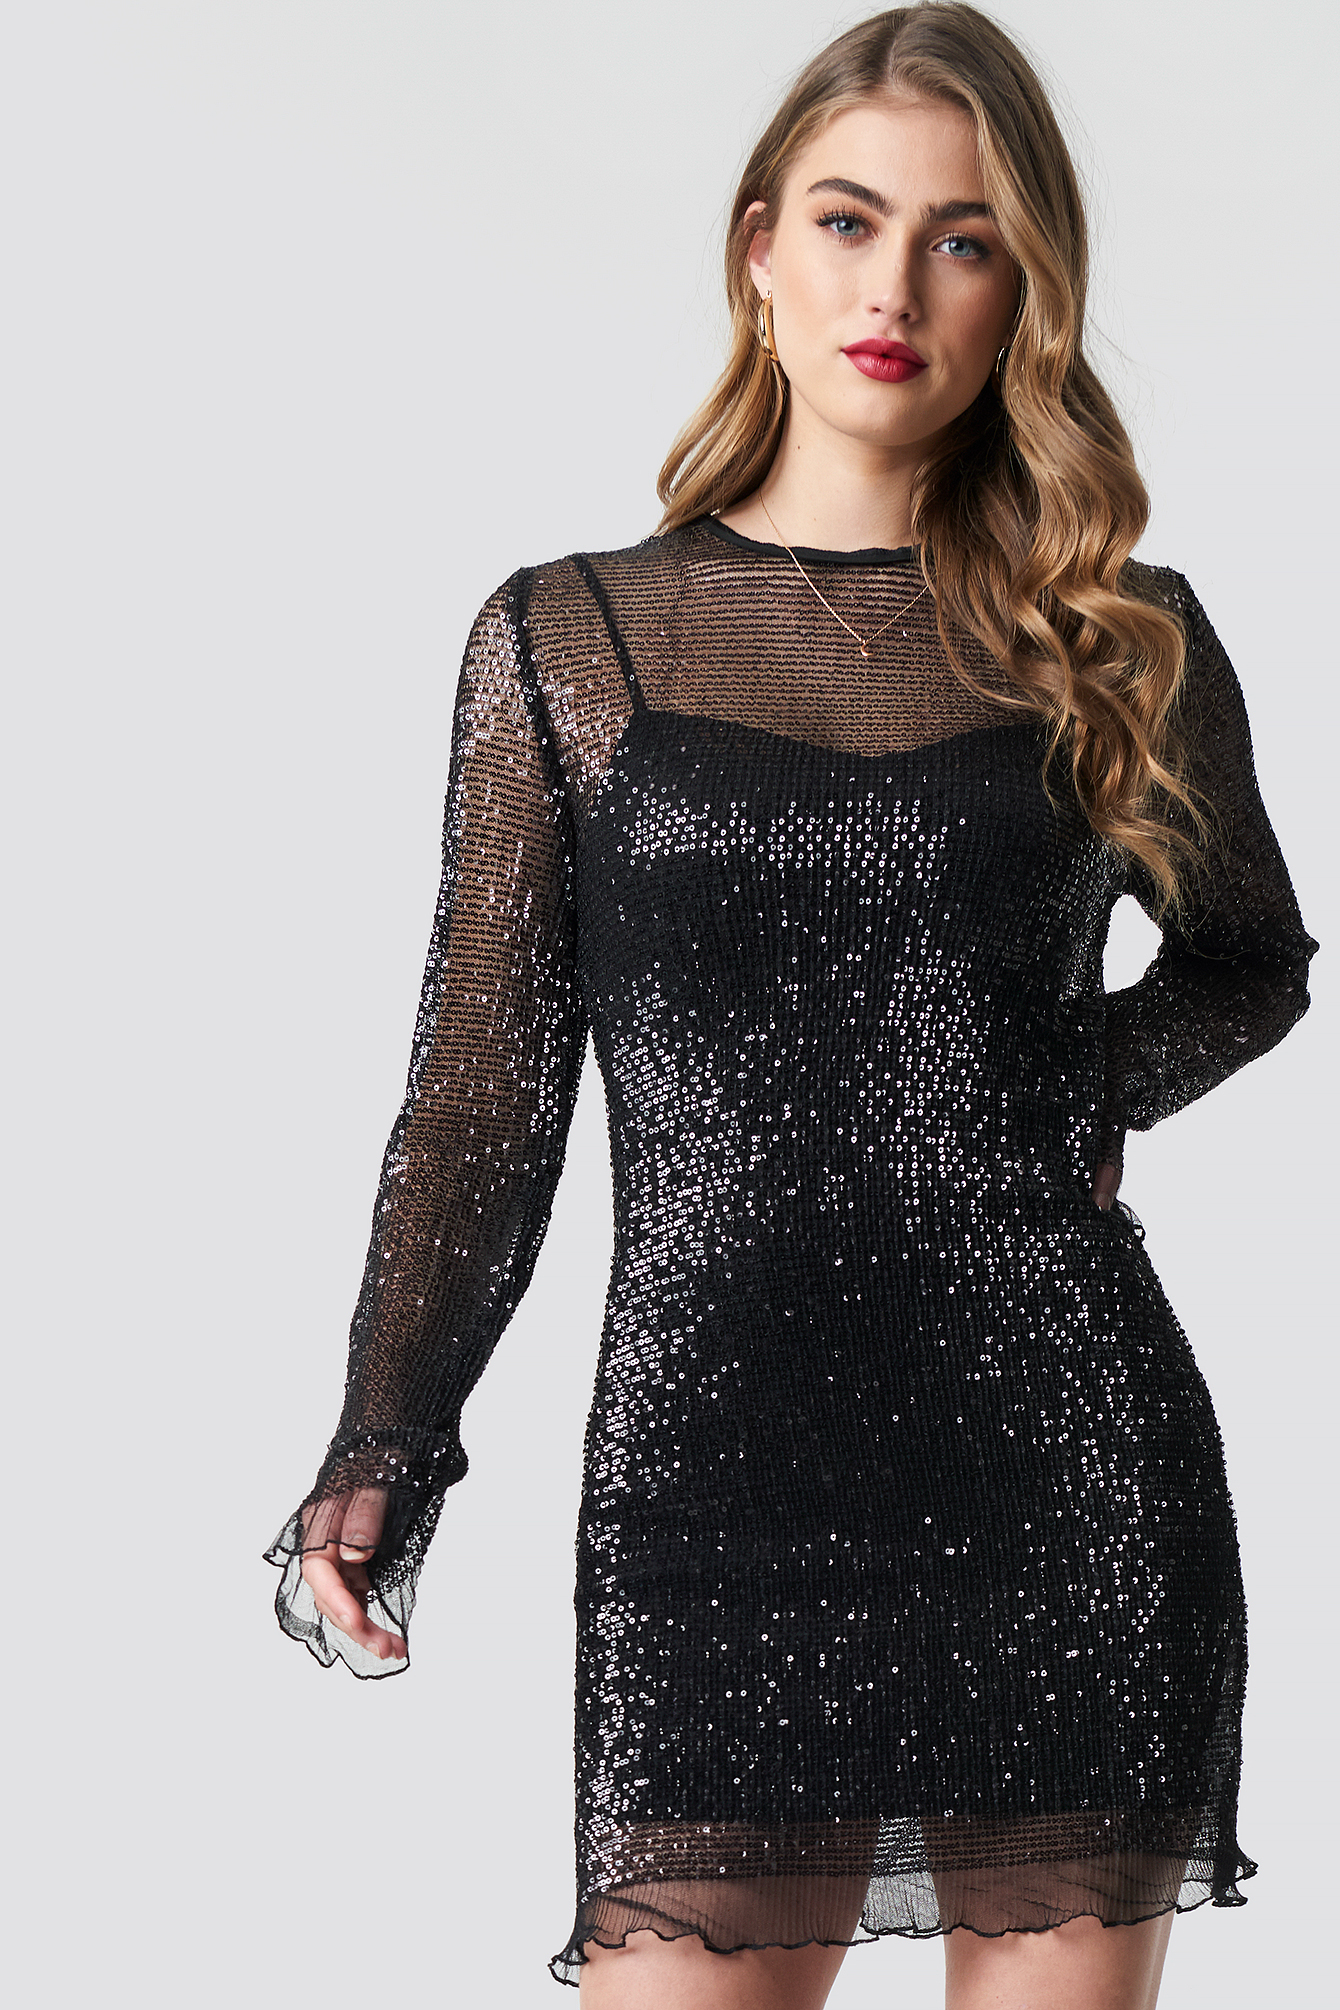 pamela x na-kd -  LS Sequin Transparence Dress - Black